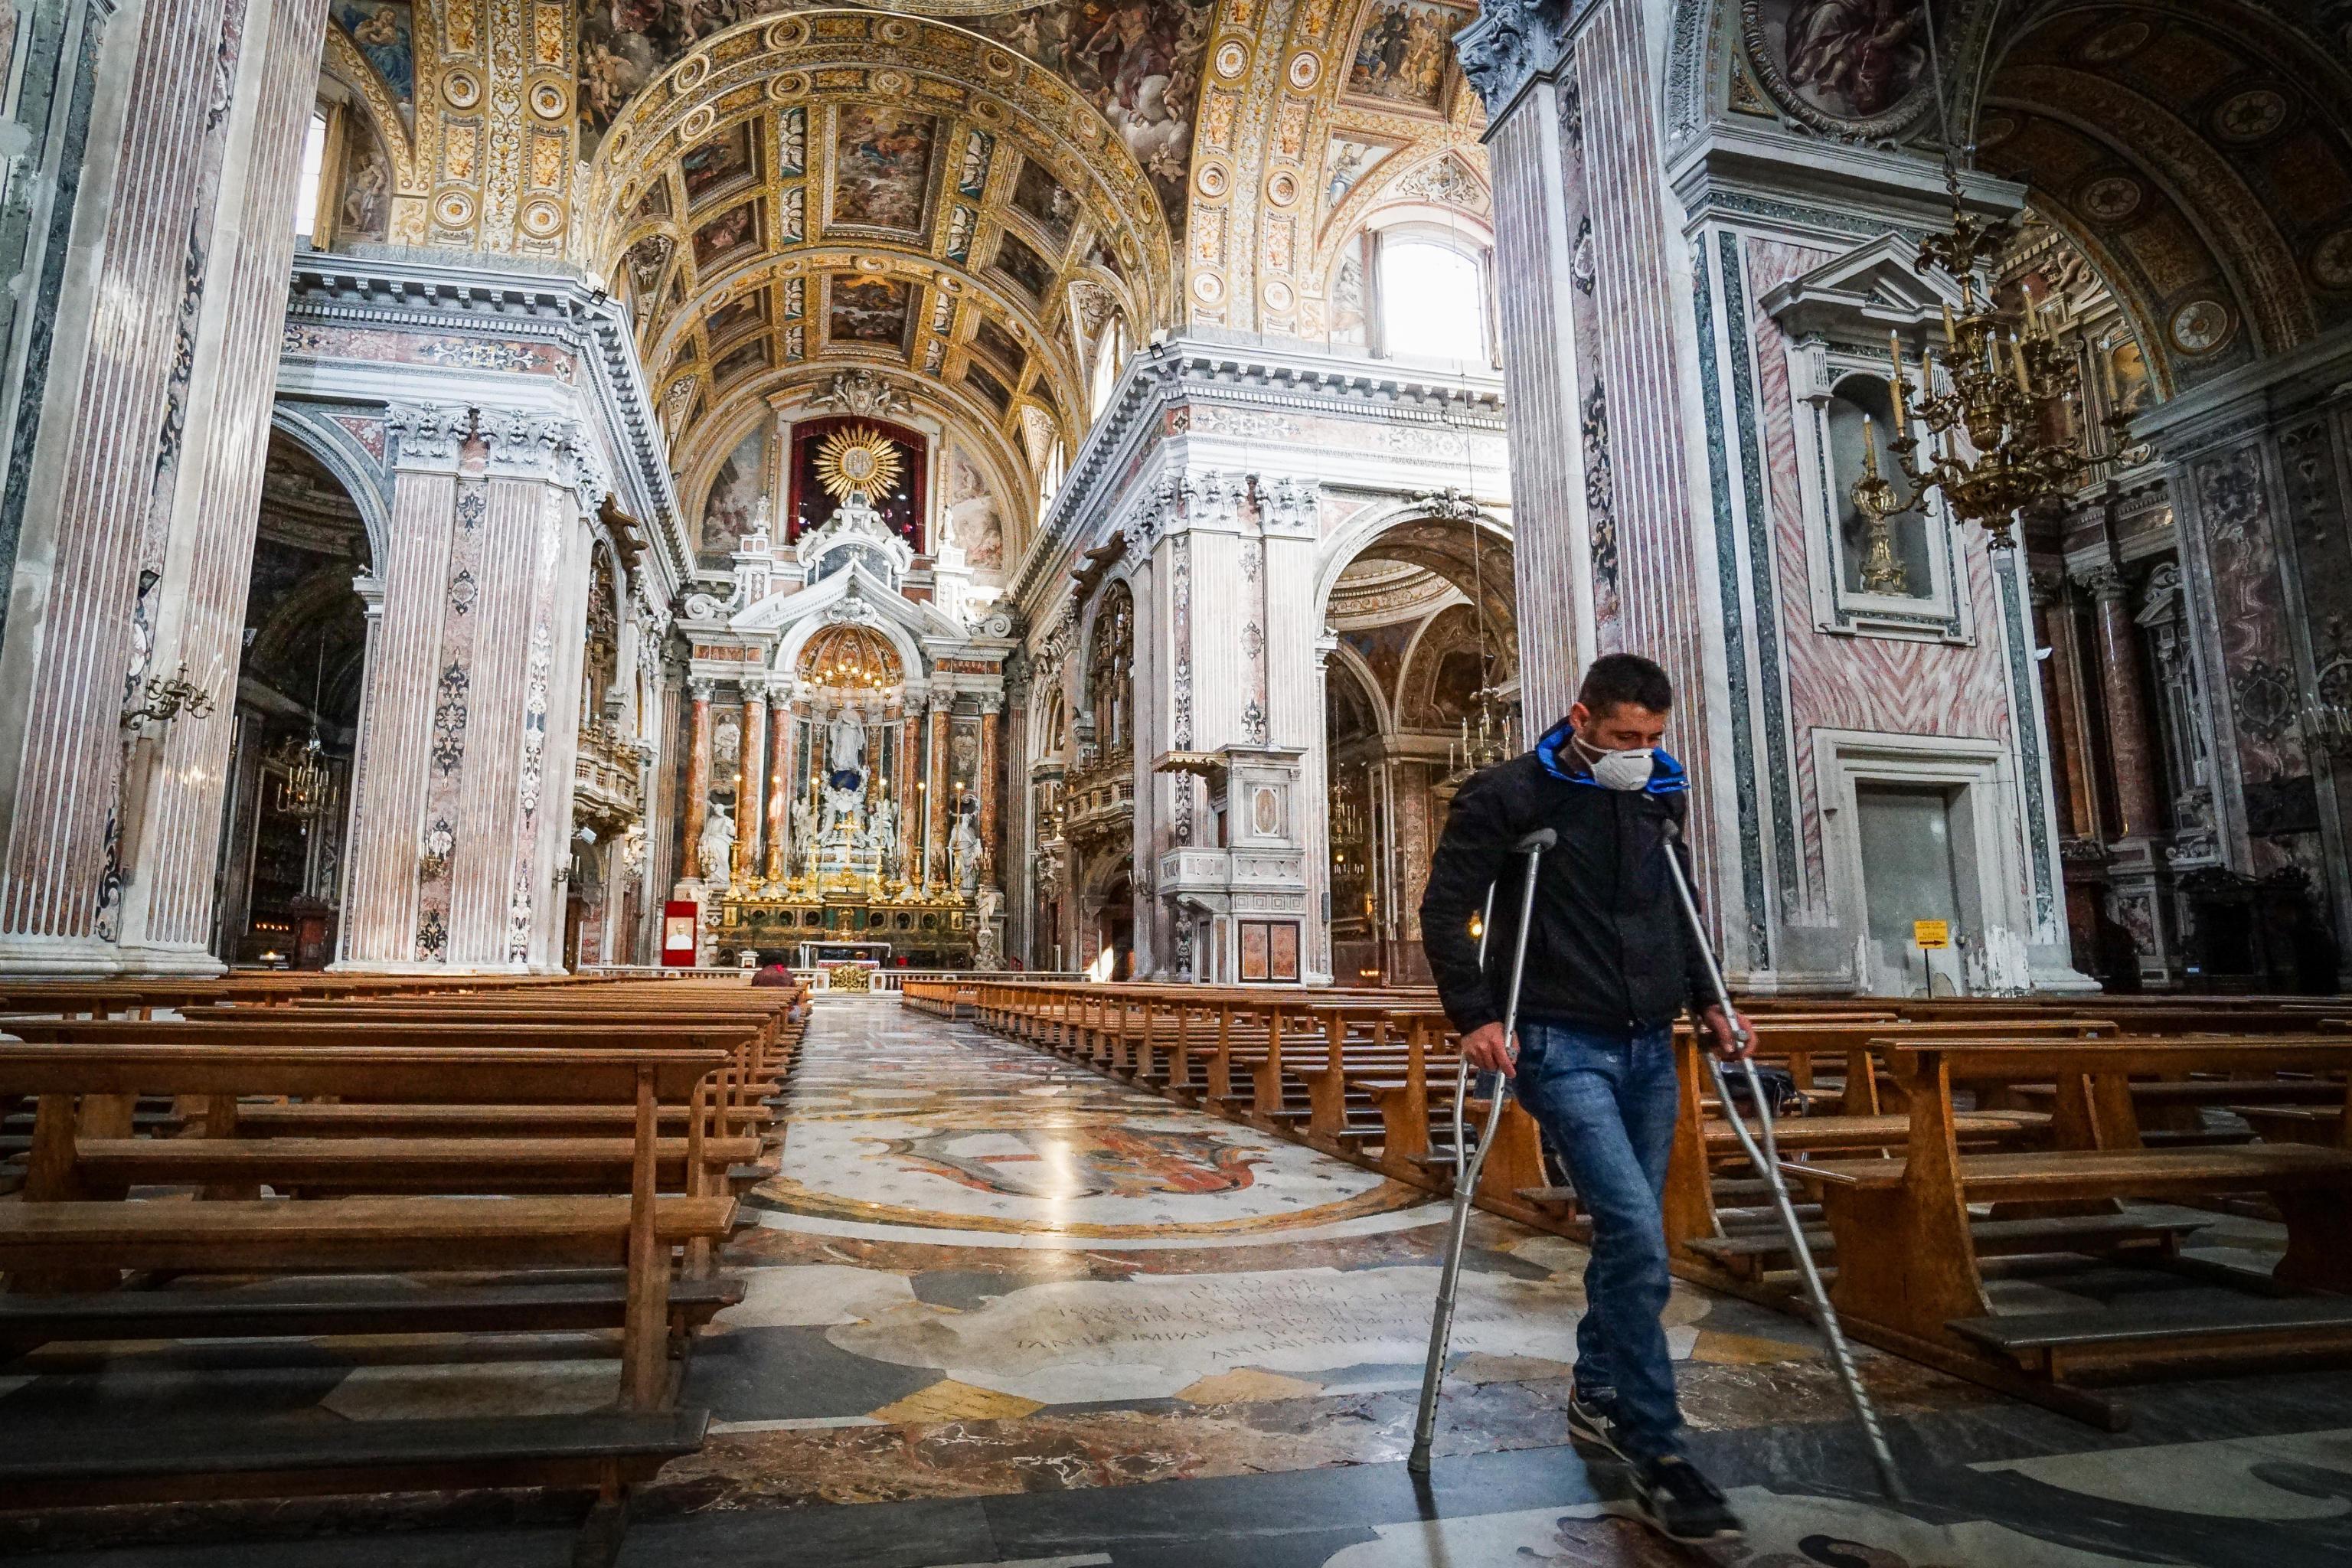 Kalifornijska crkva Betani kao SPC, u Sakramentu 71 inficirani vjernik